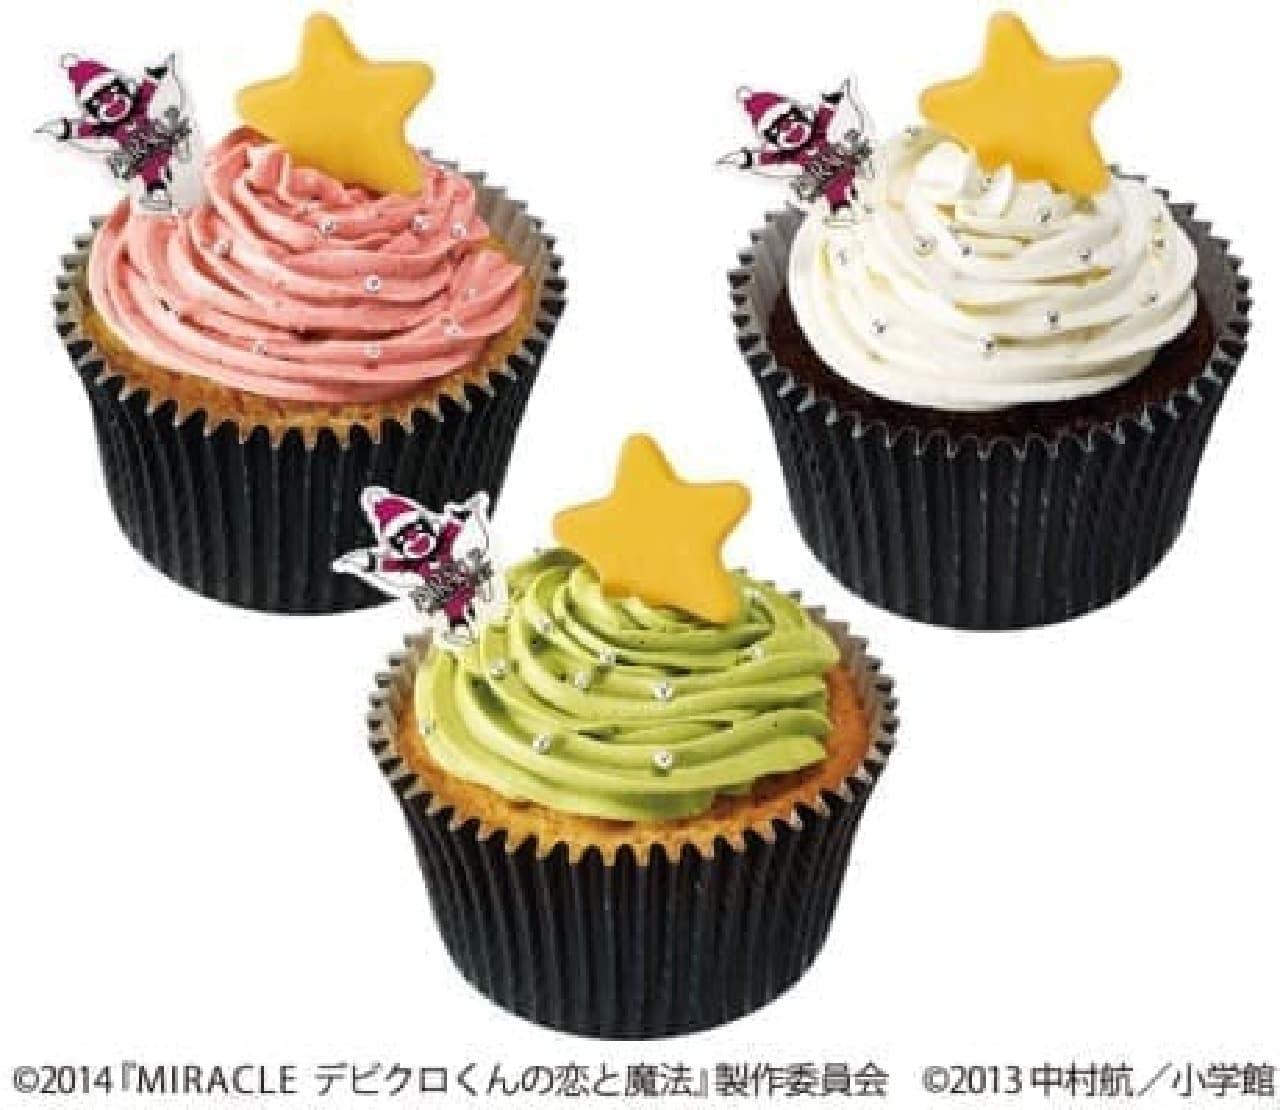 オトナカワイイ「N.Y.カップケーキ」に、クリスマス限定フレーバー